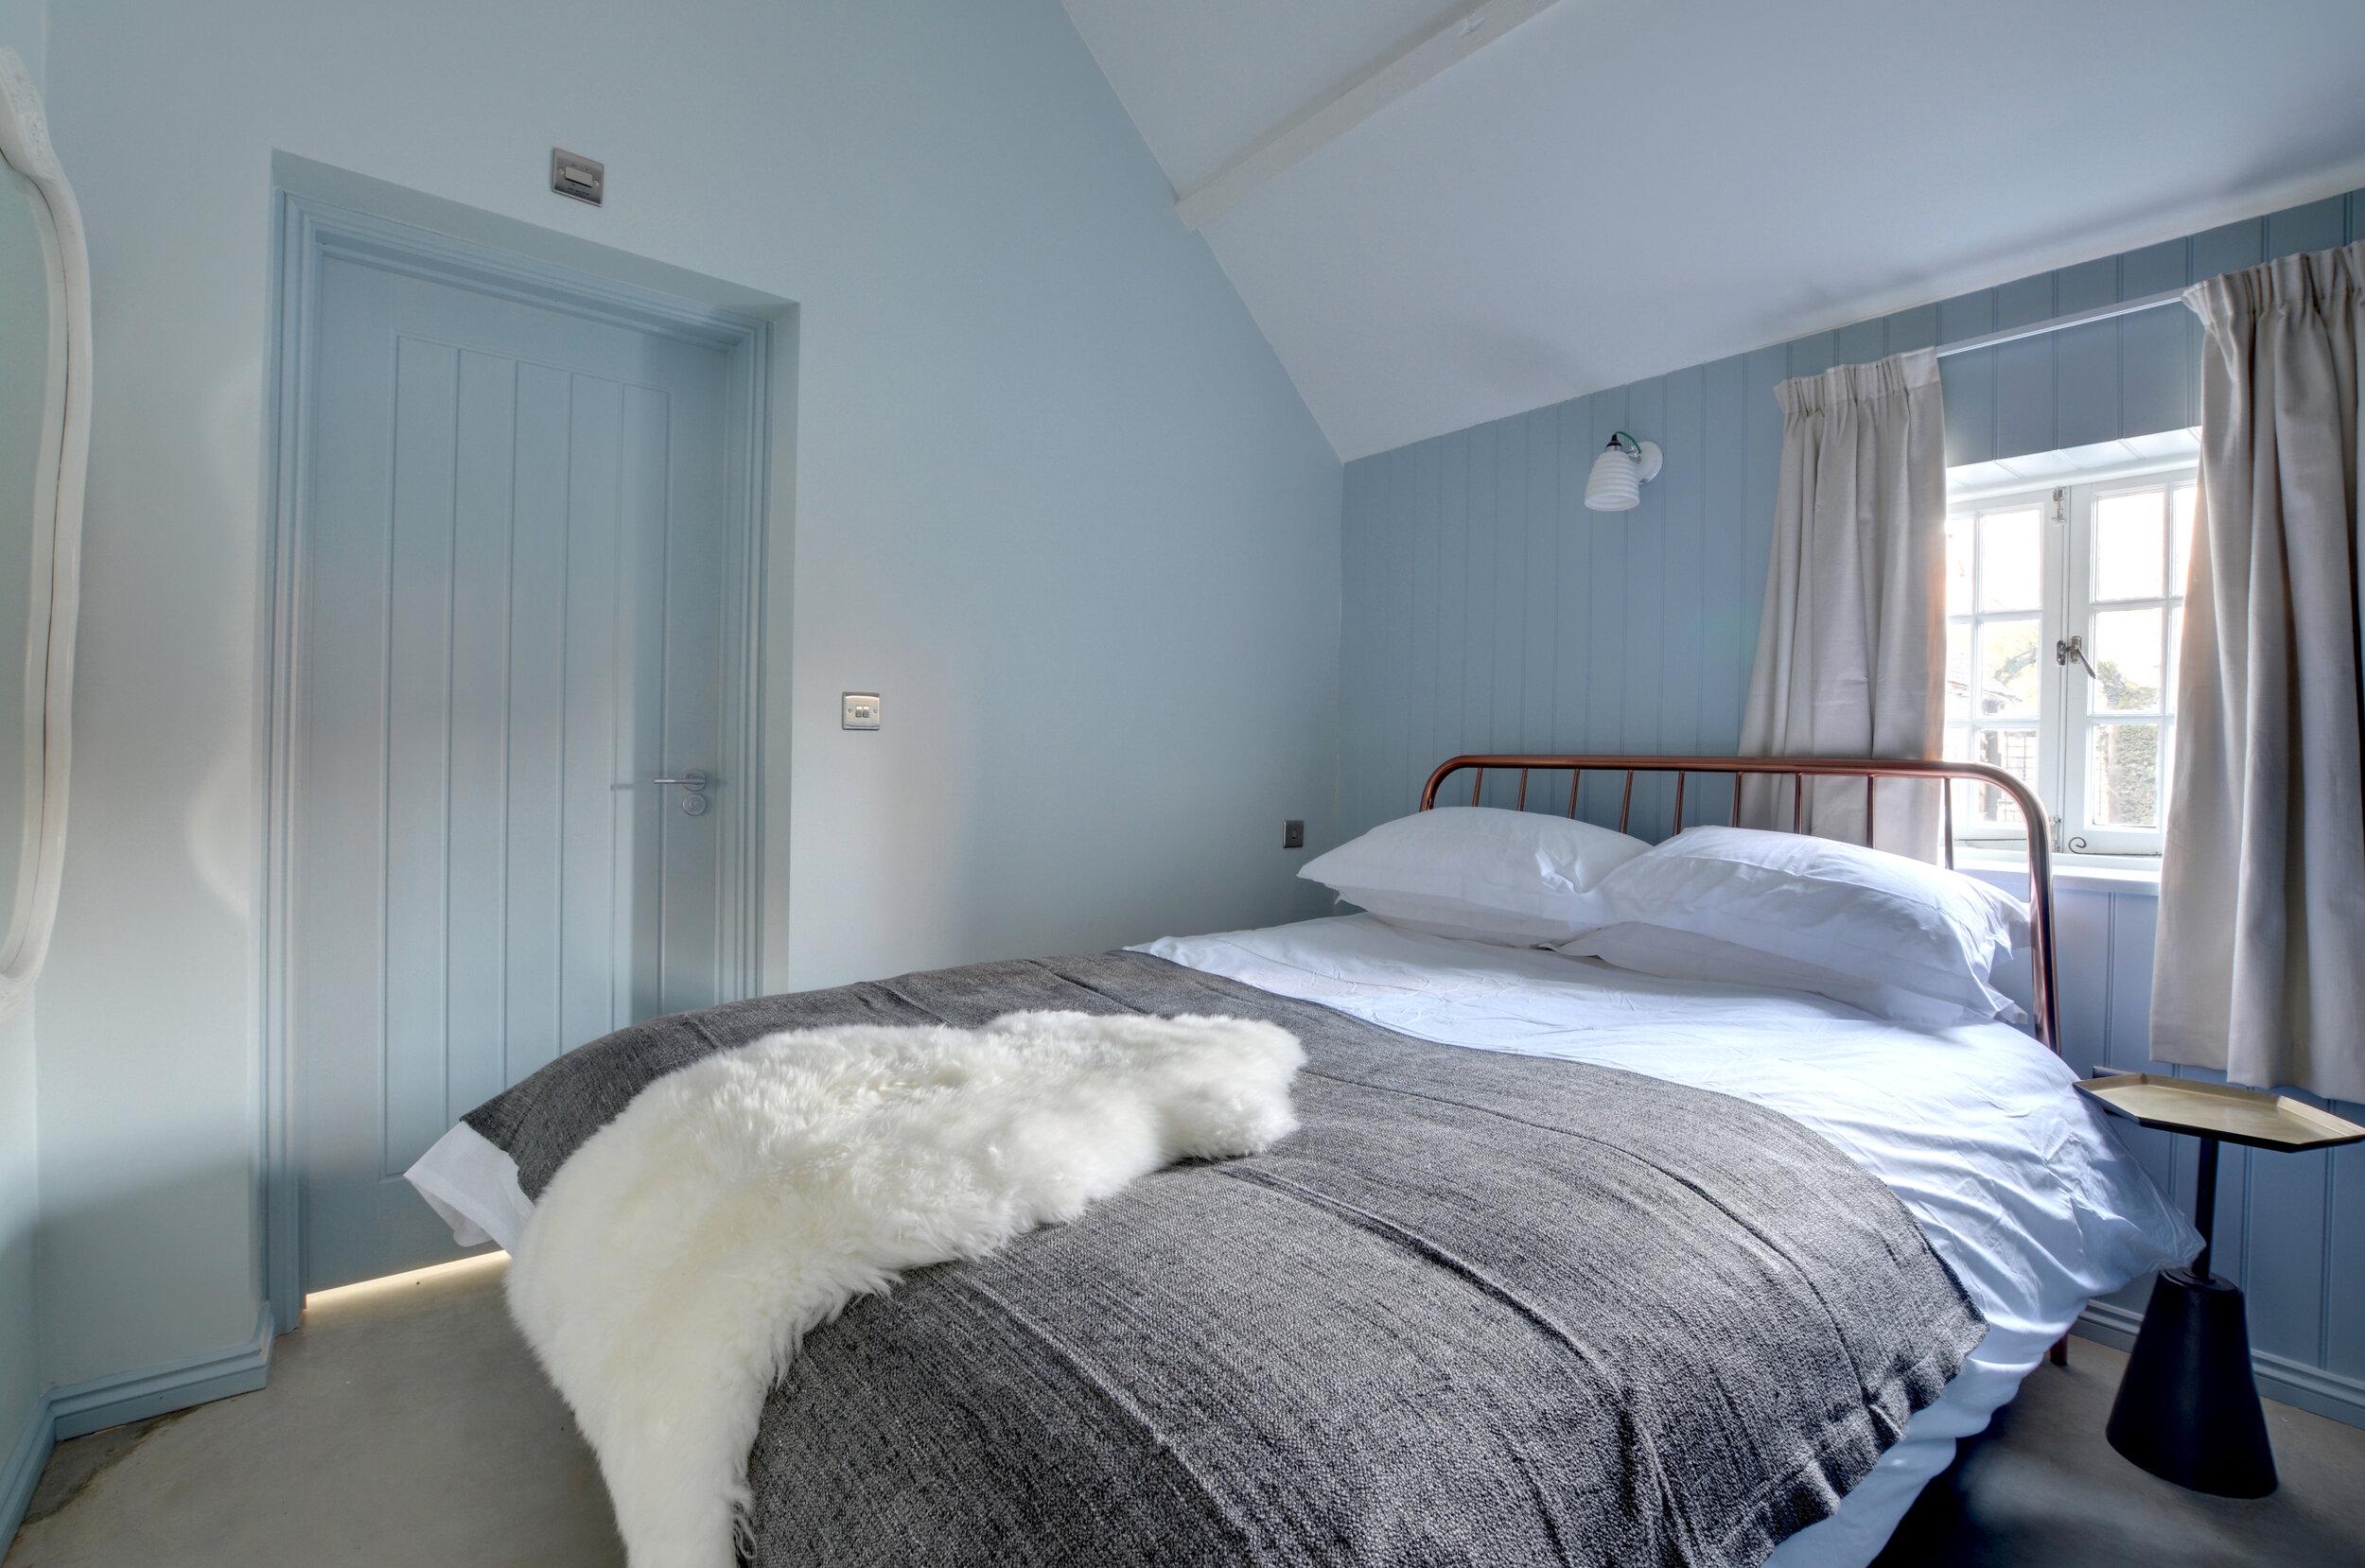 CT013 - Bedroom - view 3.jpg